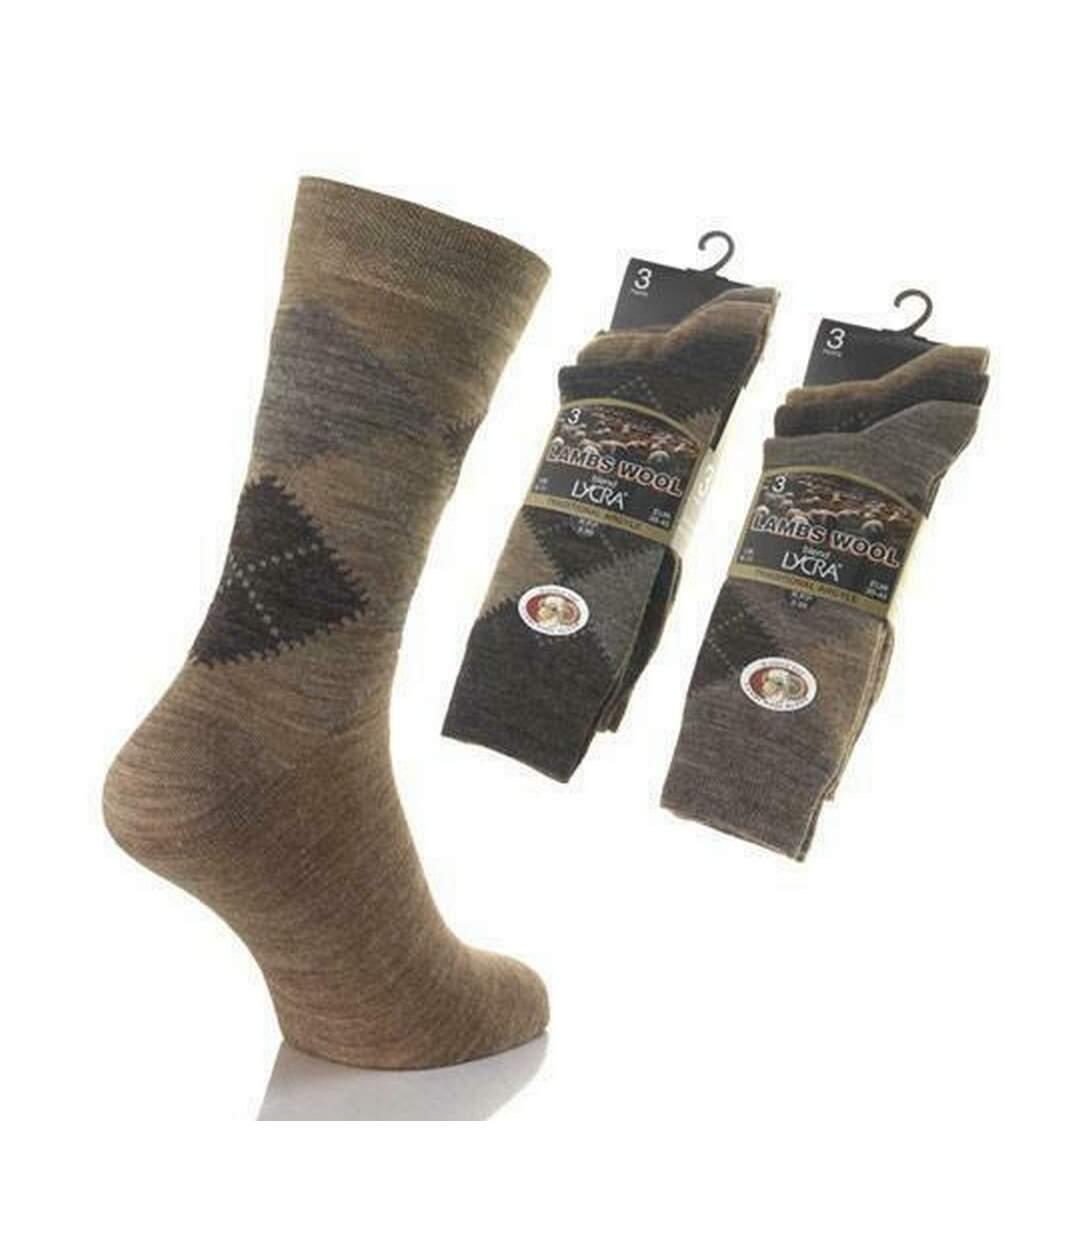 Mens Long Length Ribbed Lambswool Blend Socks (Pack Of 3) (Brown Assorted) - UTMB229